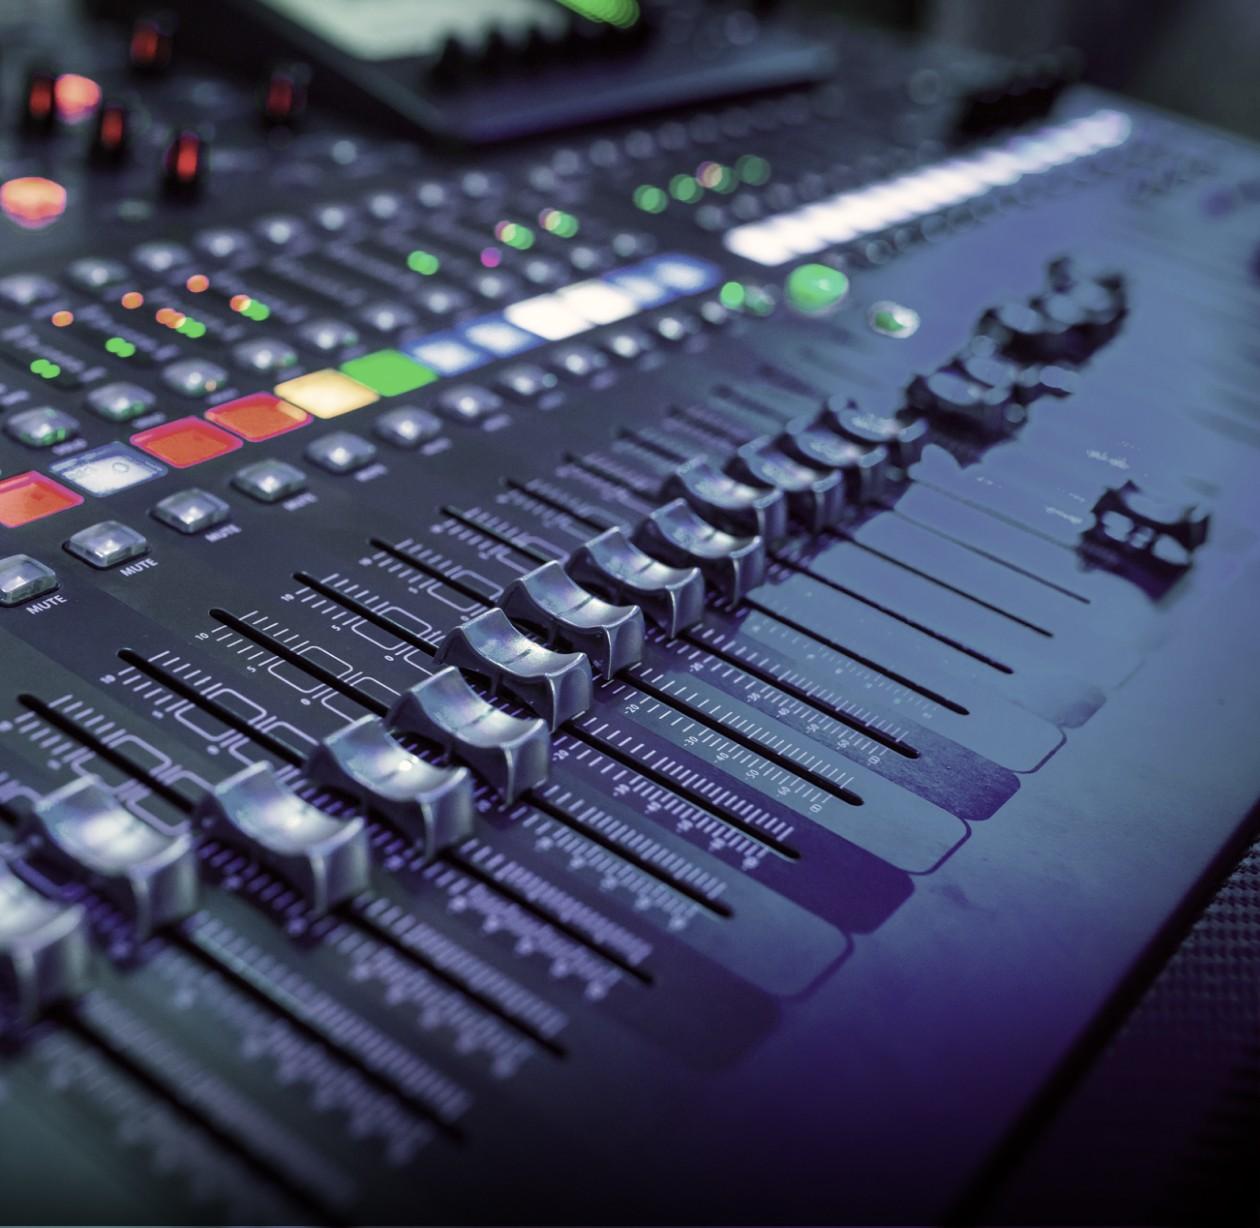 console audio avec les boutons alignés